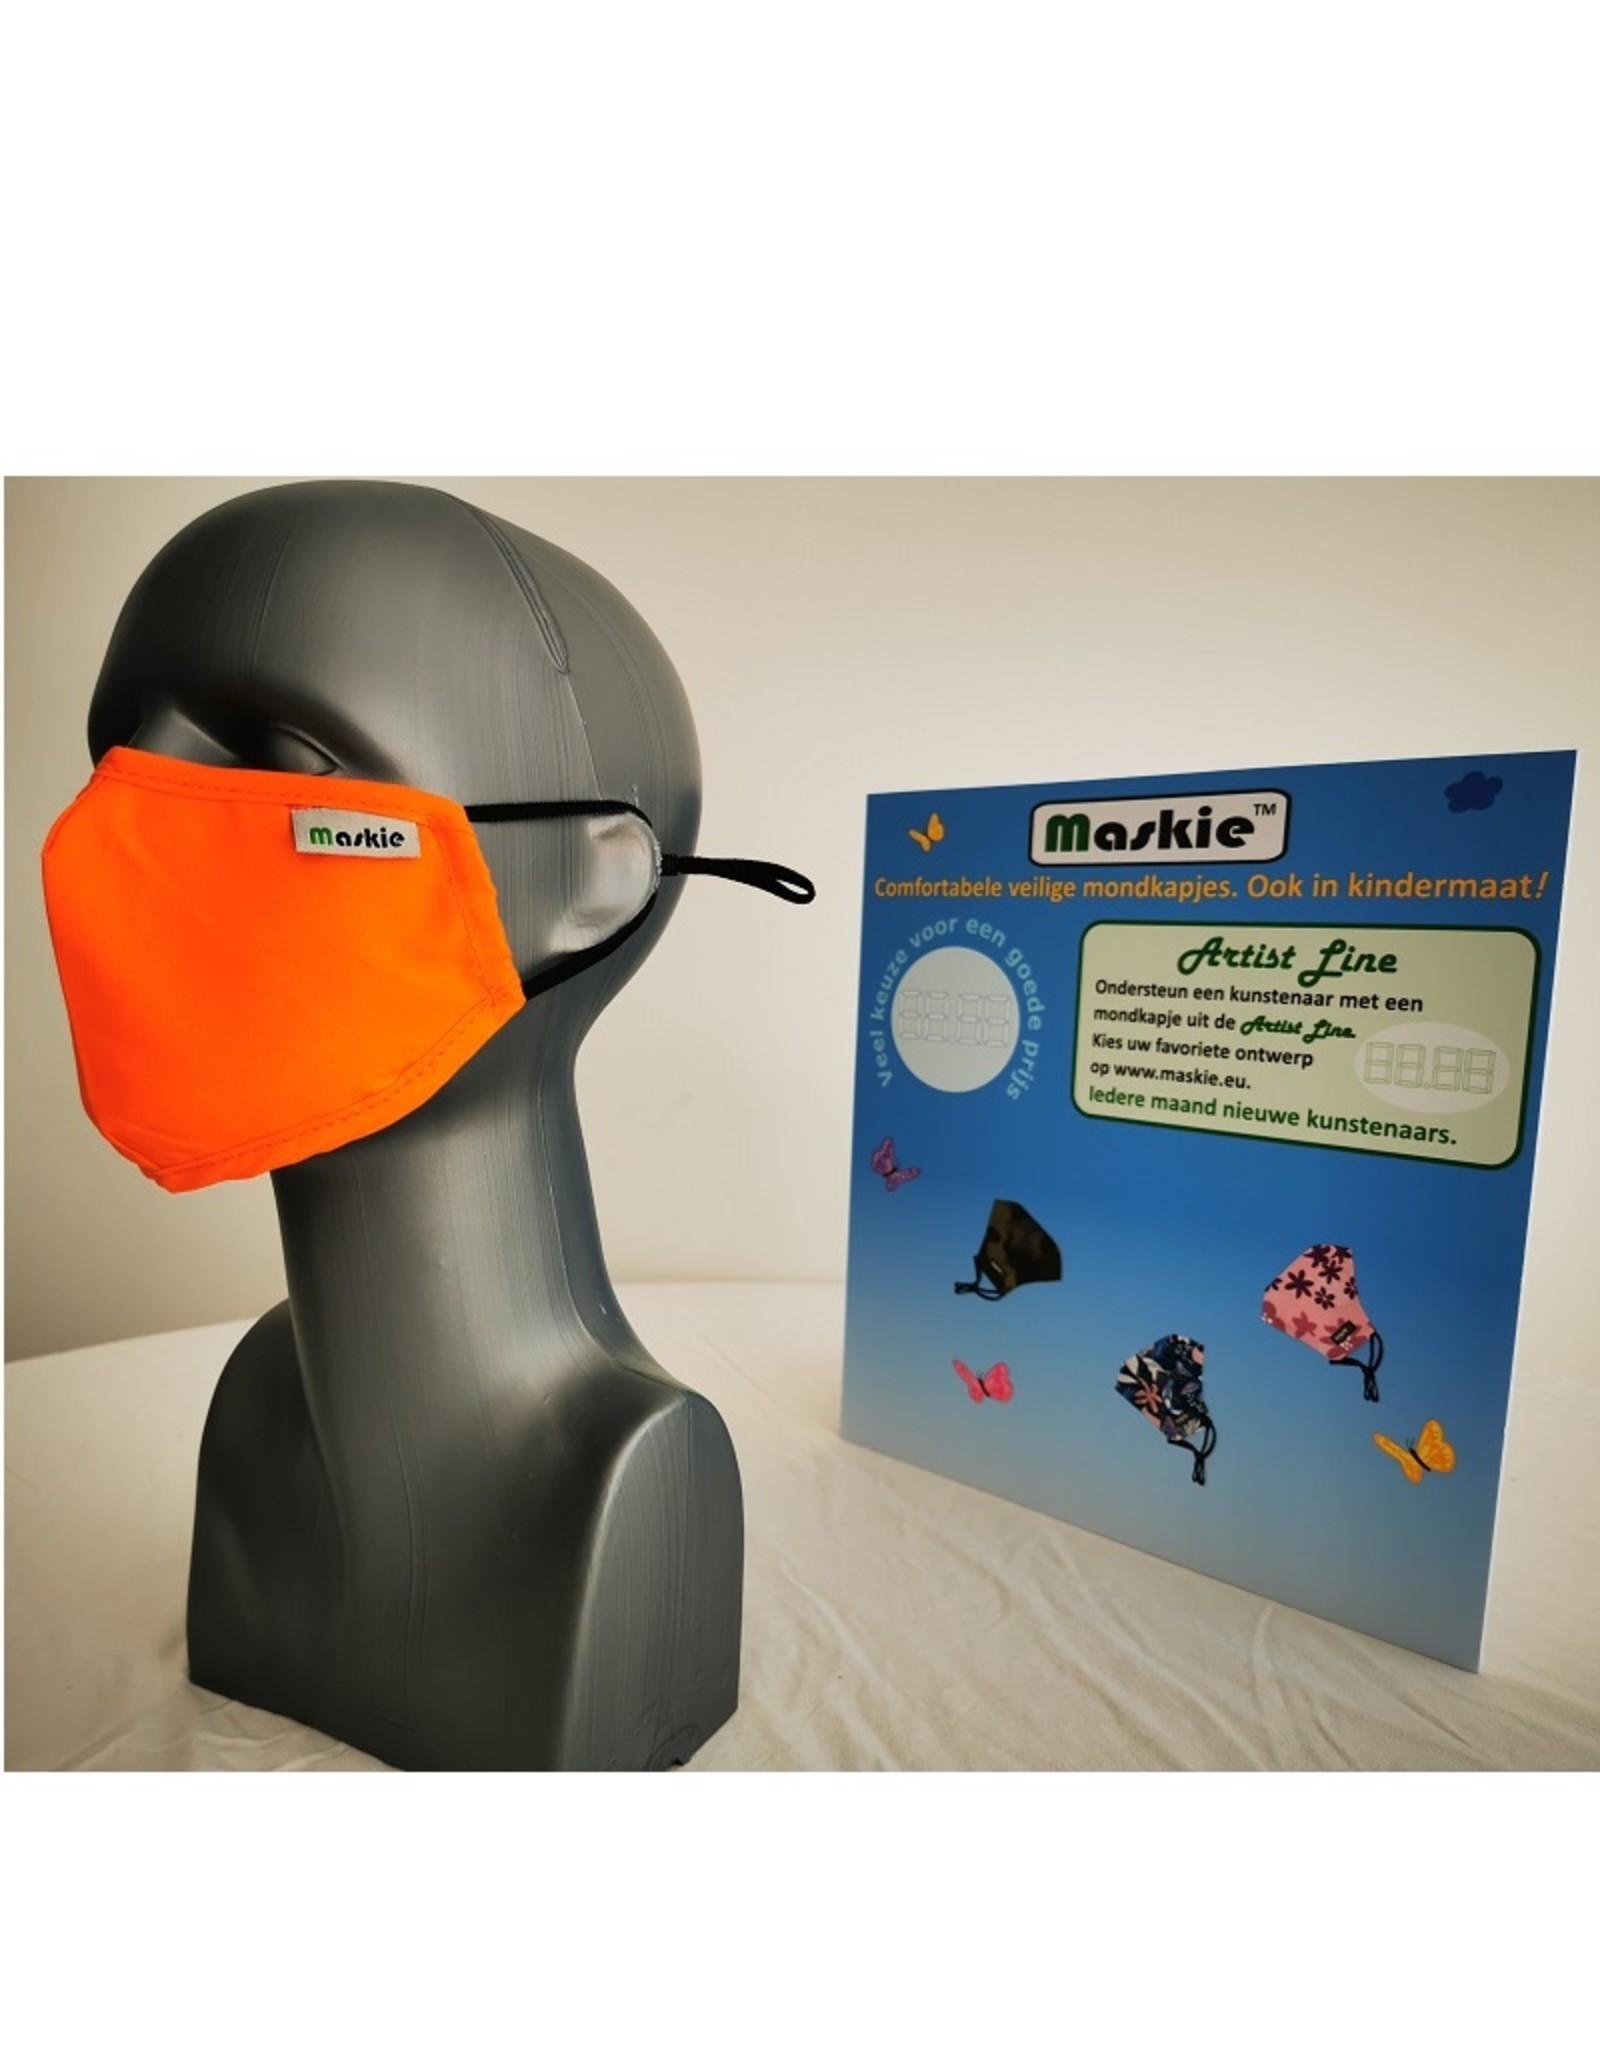 Maskie Buccaux: Orange solide pour des gamins.